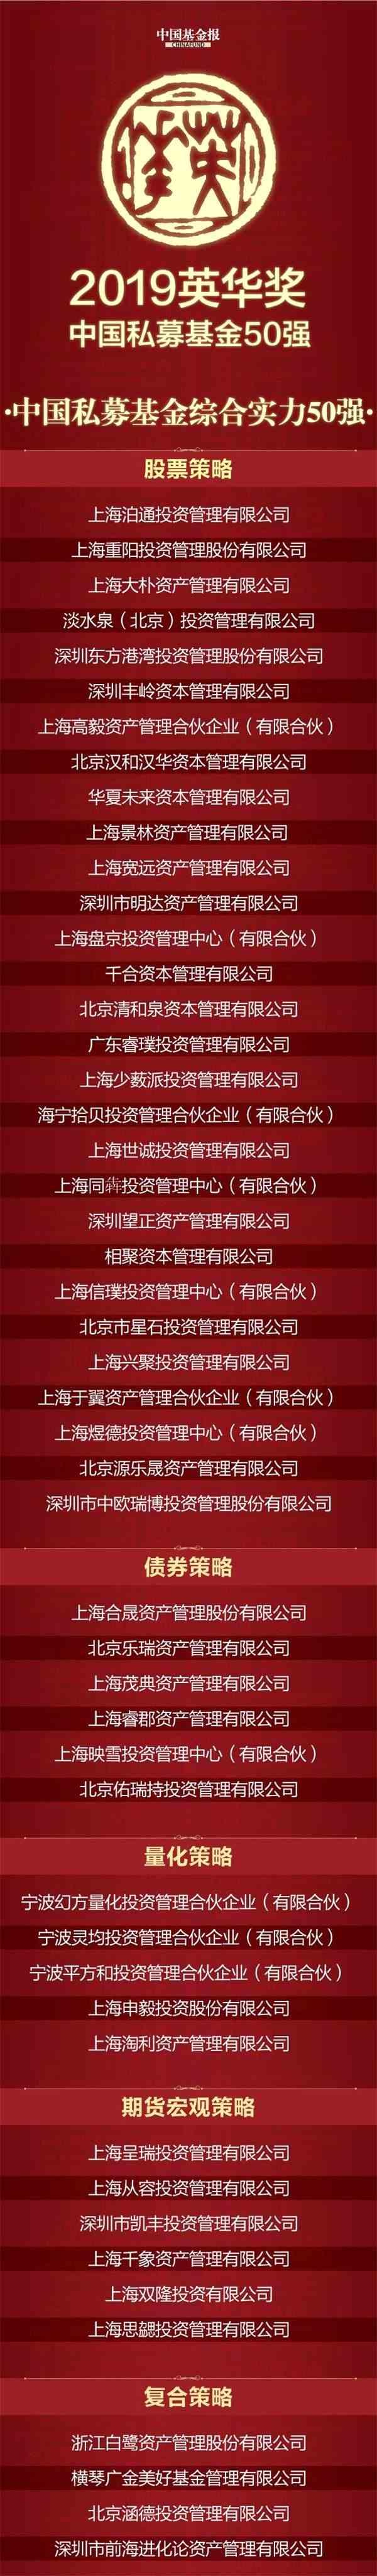 重磅:中国最强私募基金榜单刚刚揭晓!